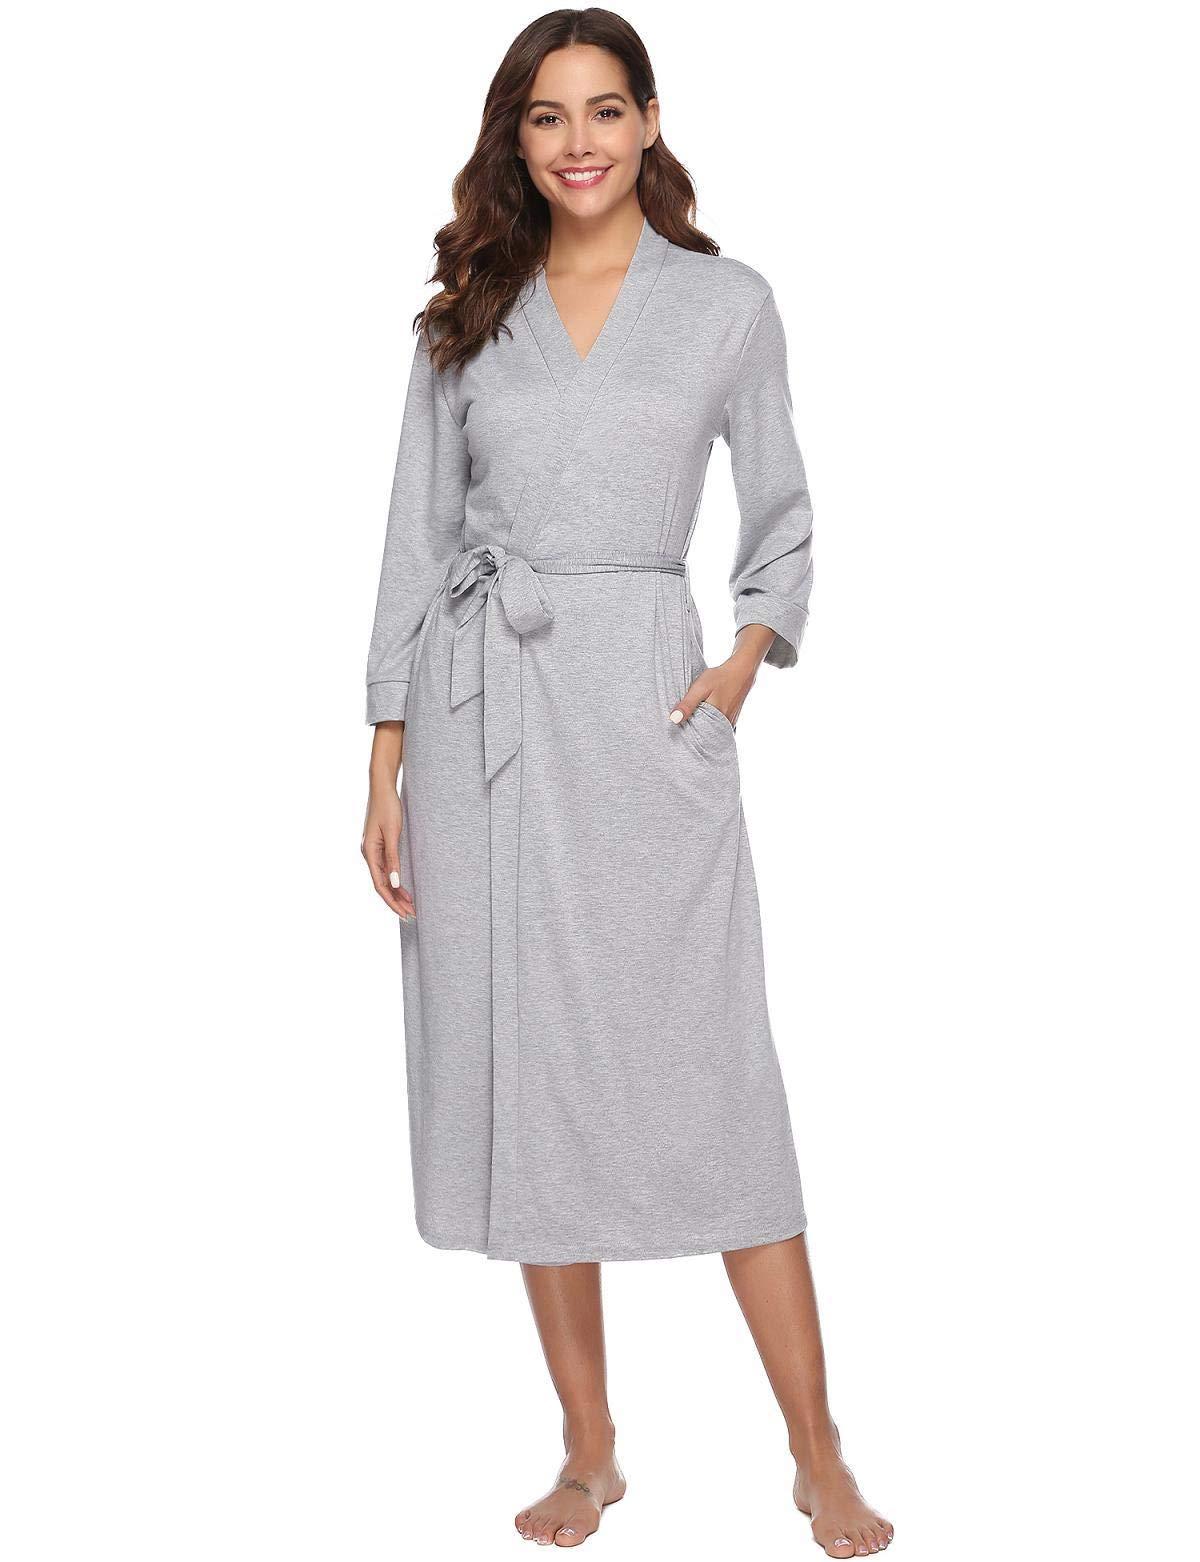 Abollria Bata para Mujer Algodón con Escote en V Albornoz de Kimono de Mujer Ropa de Dormir con Cinturón product image